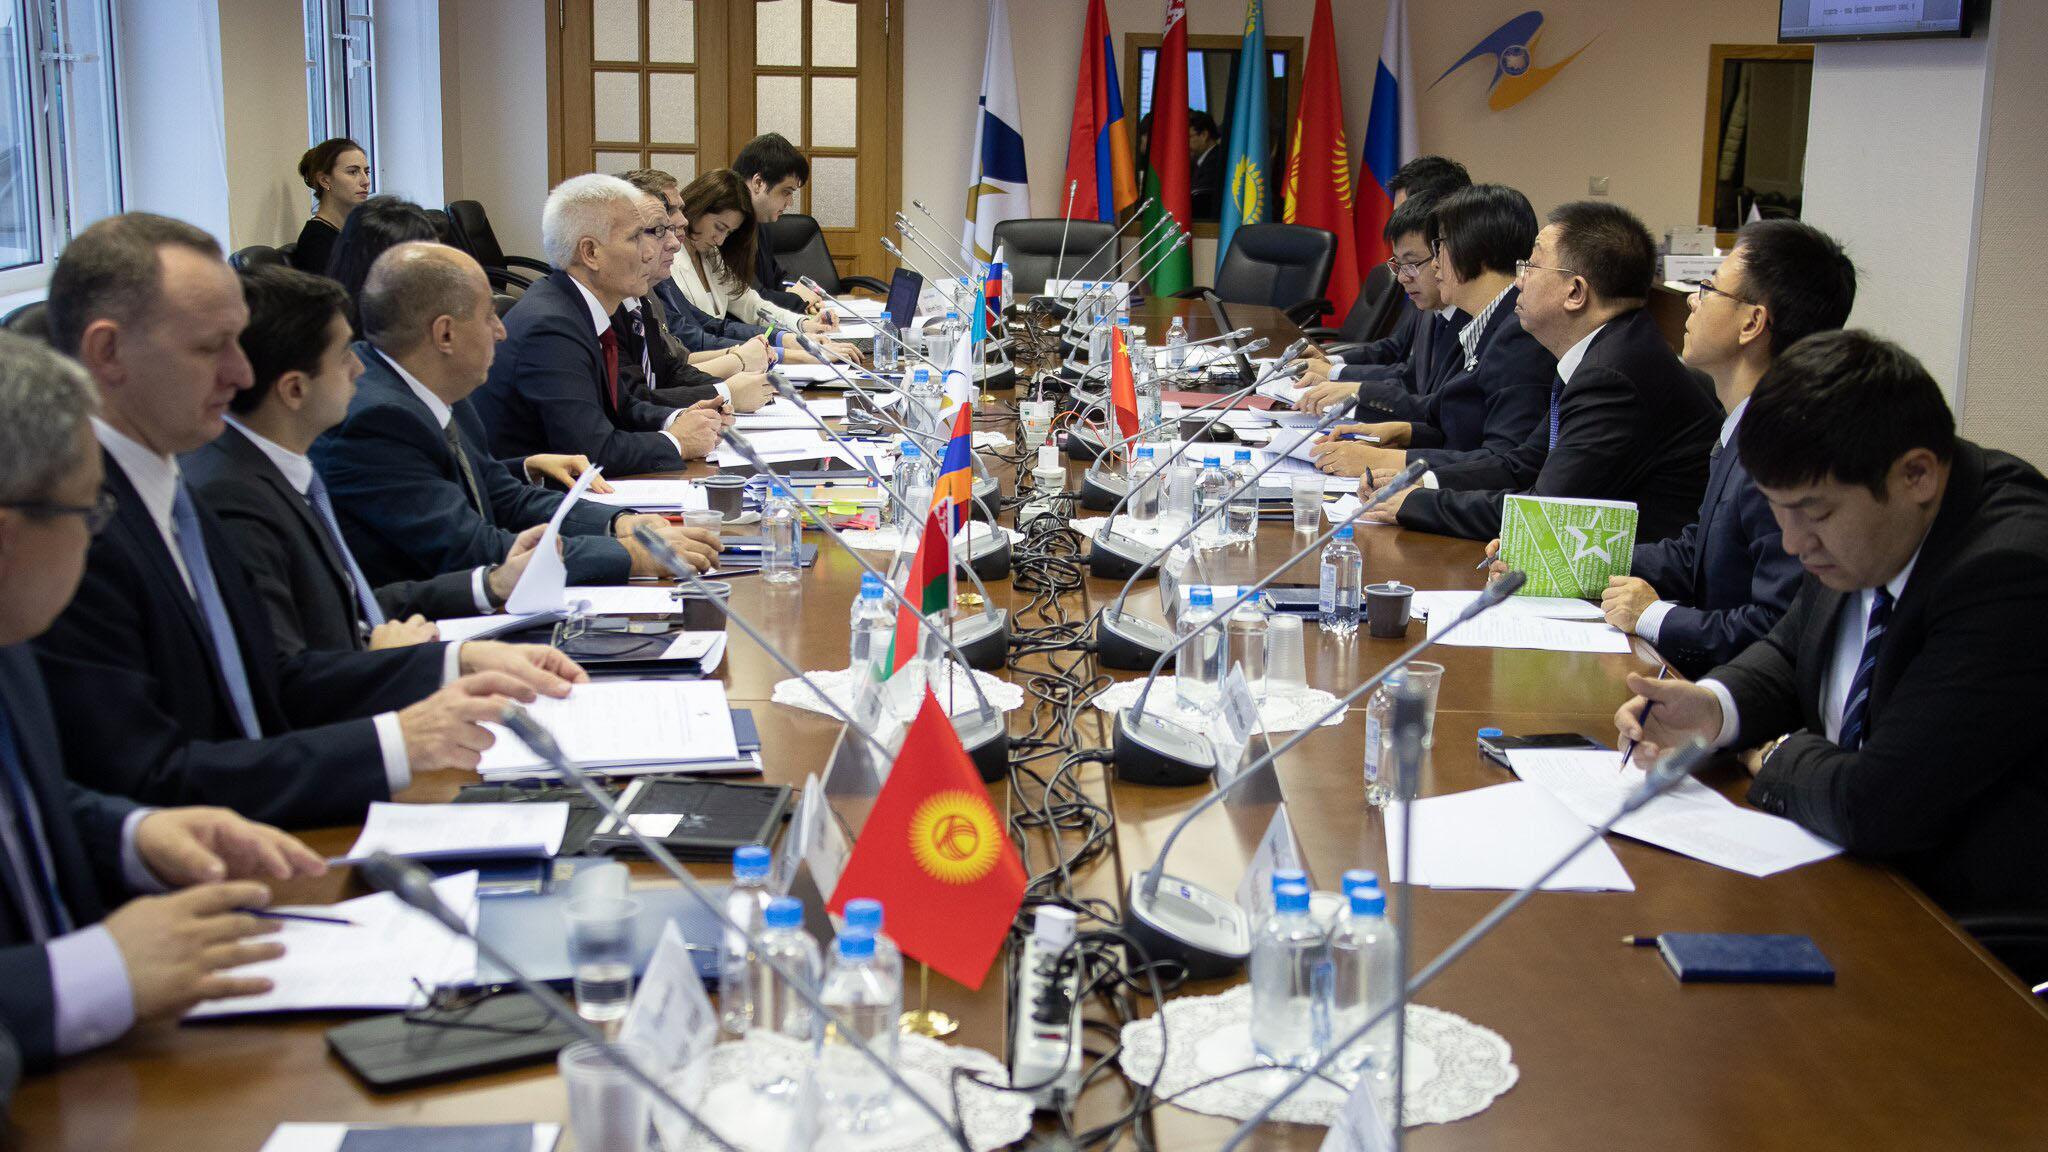 Полномочия Совета ЕЭК в сфере прослеживаемости товаров расширены